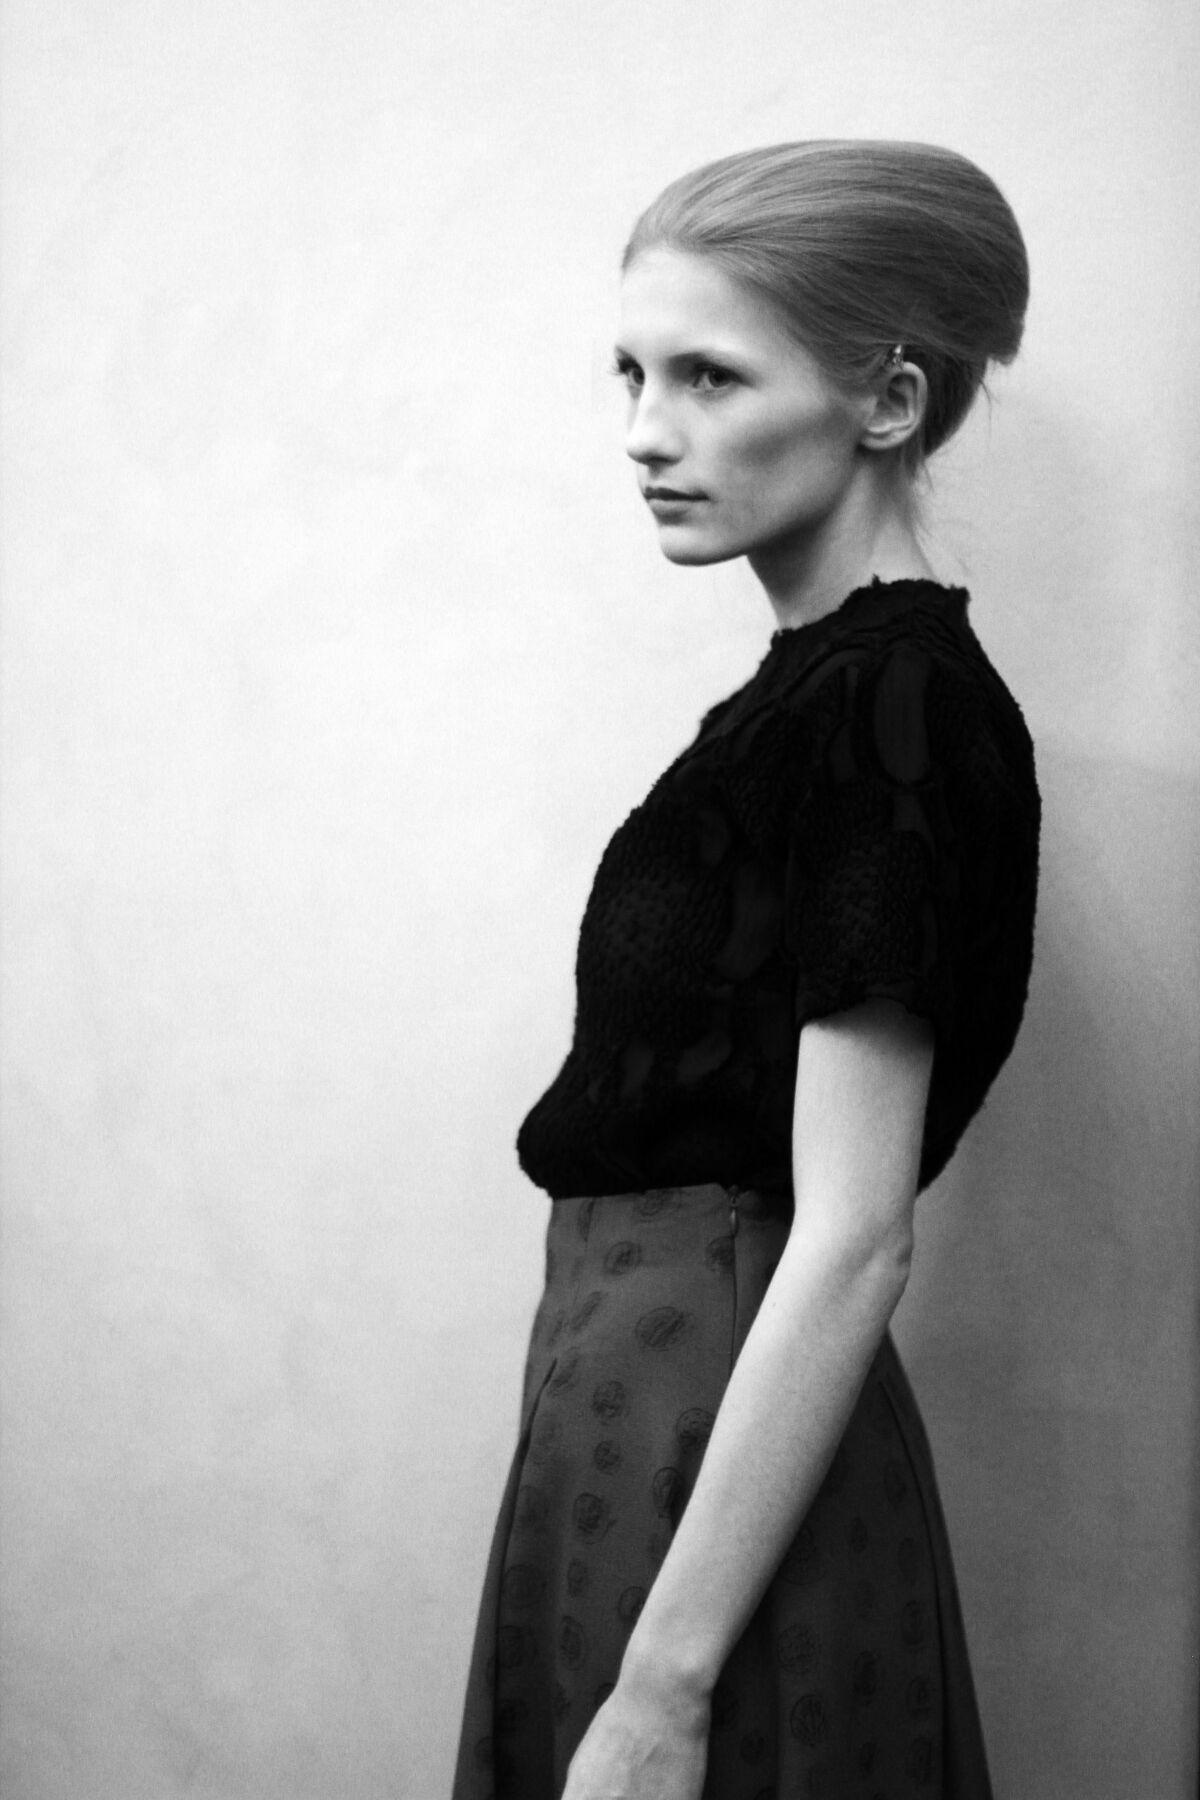 Fashion Model Backstage Andrea Incontri